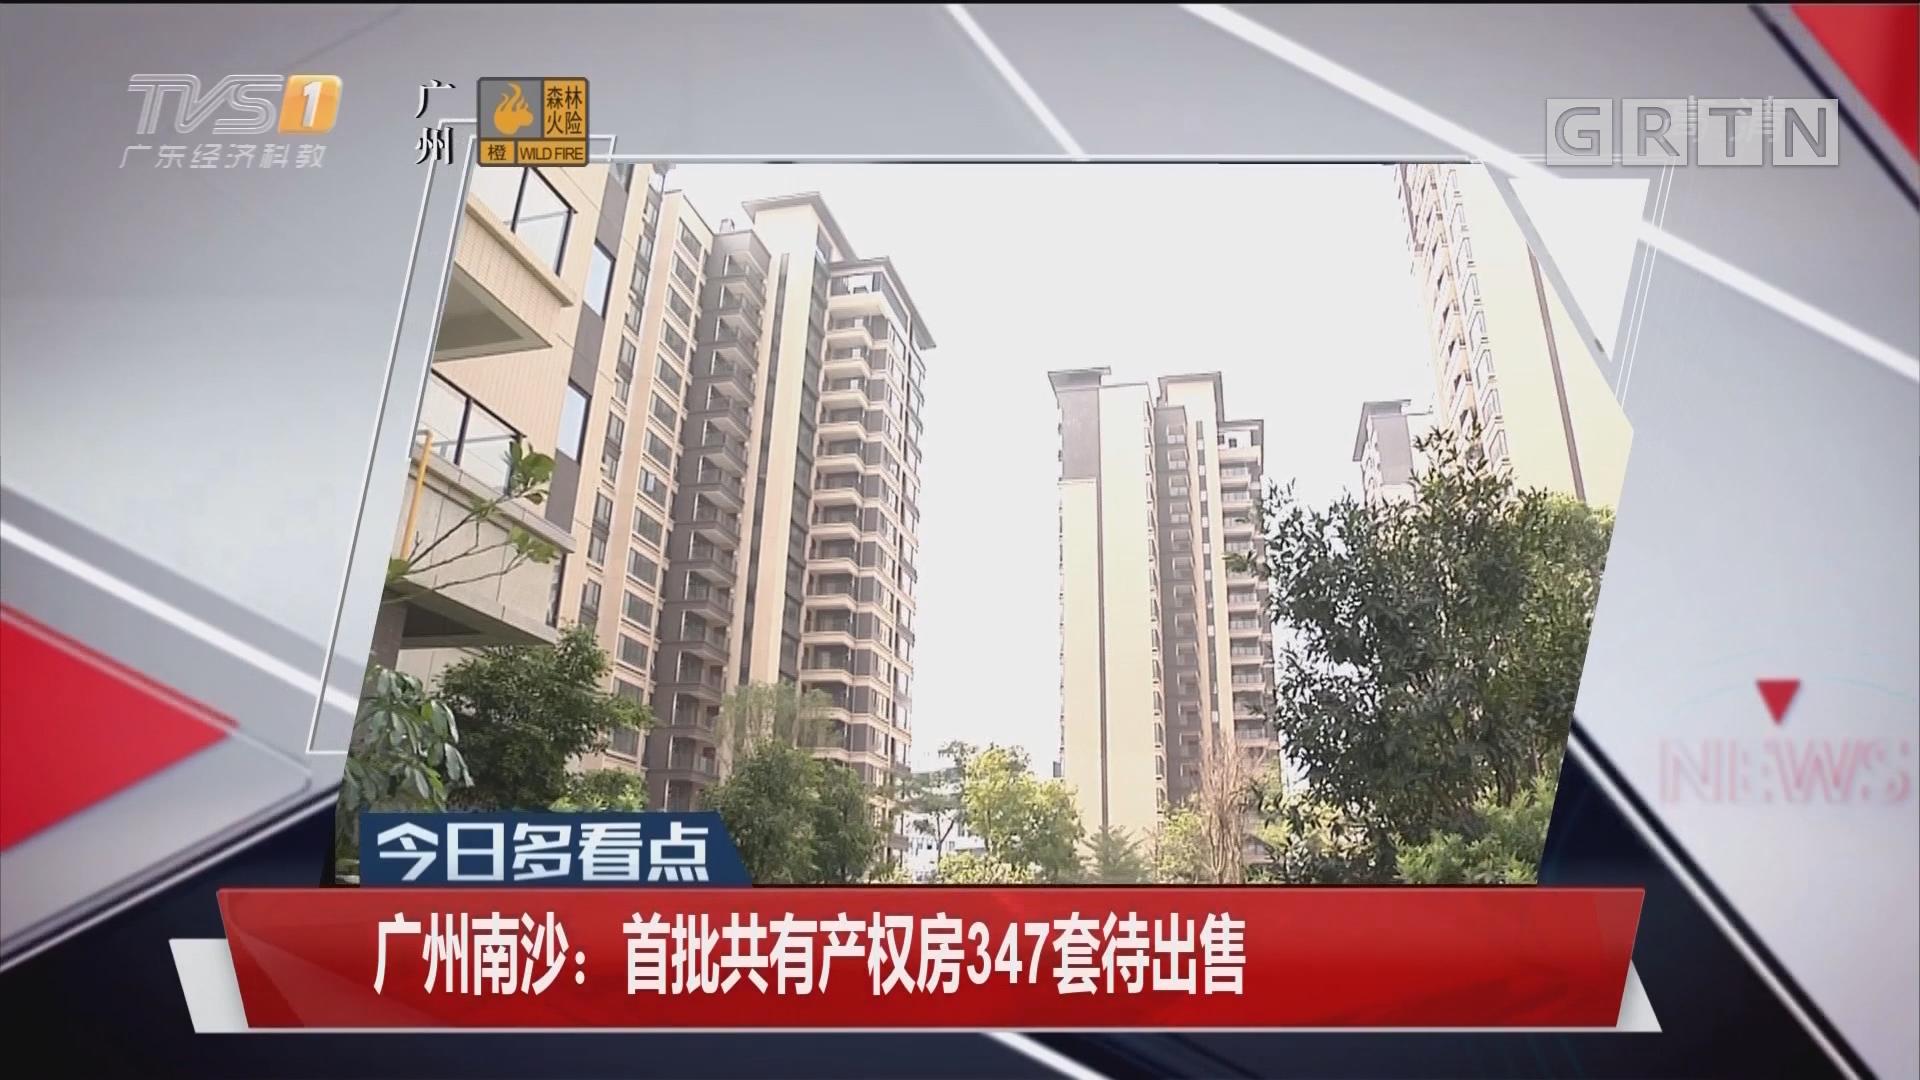 广州南沙:首批共有产权房347套待出售